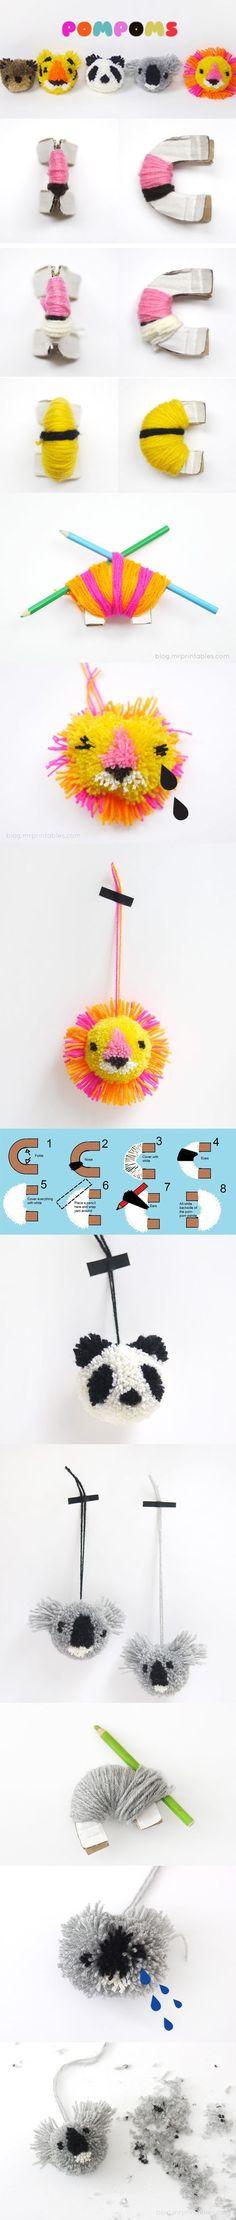 Ponpons a forma di leone, panda e koala, con tanto di #istruzioni per la realizzazione: